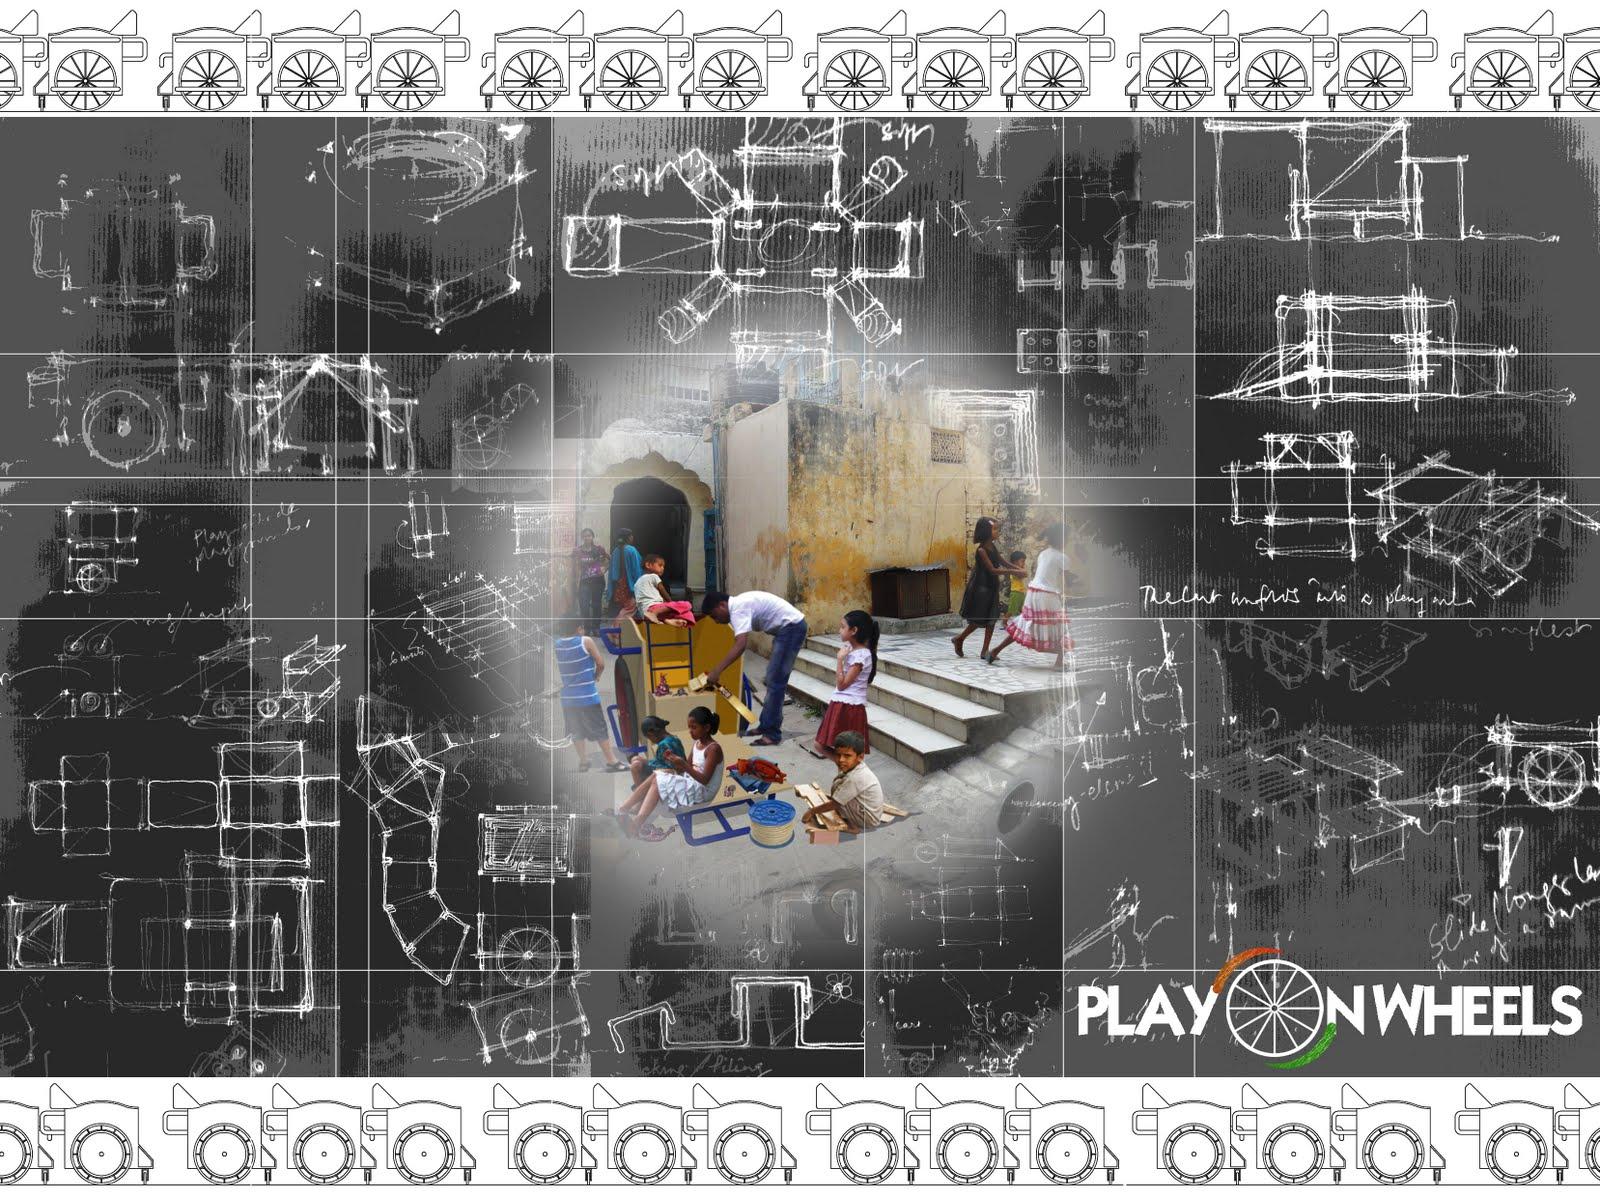 Khirkee Khel Khazana: Play on Wheels